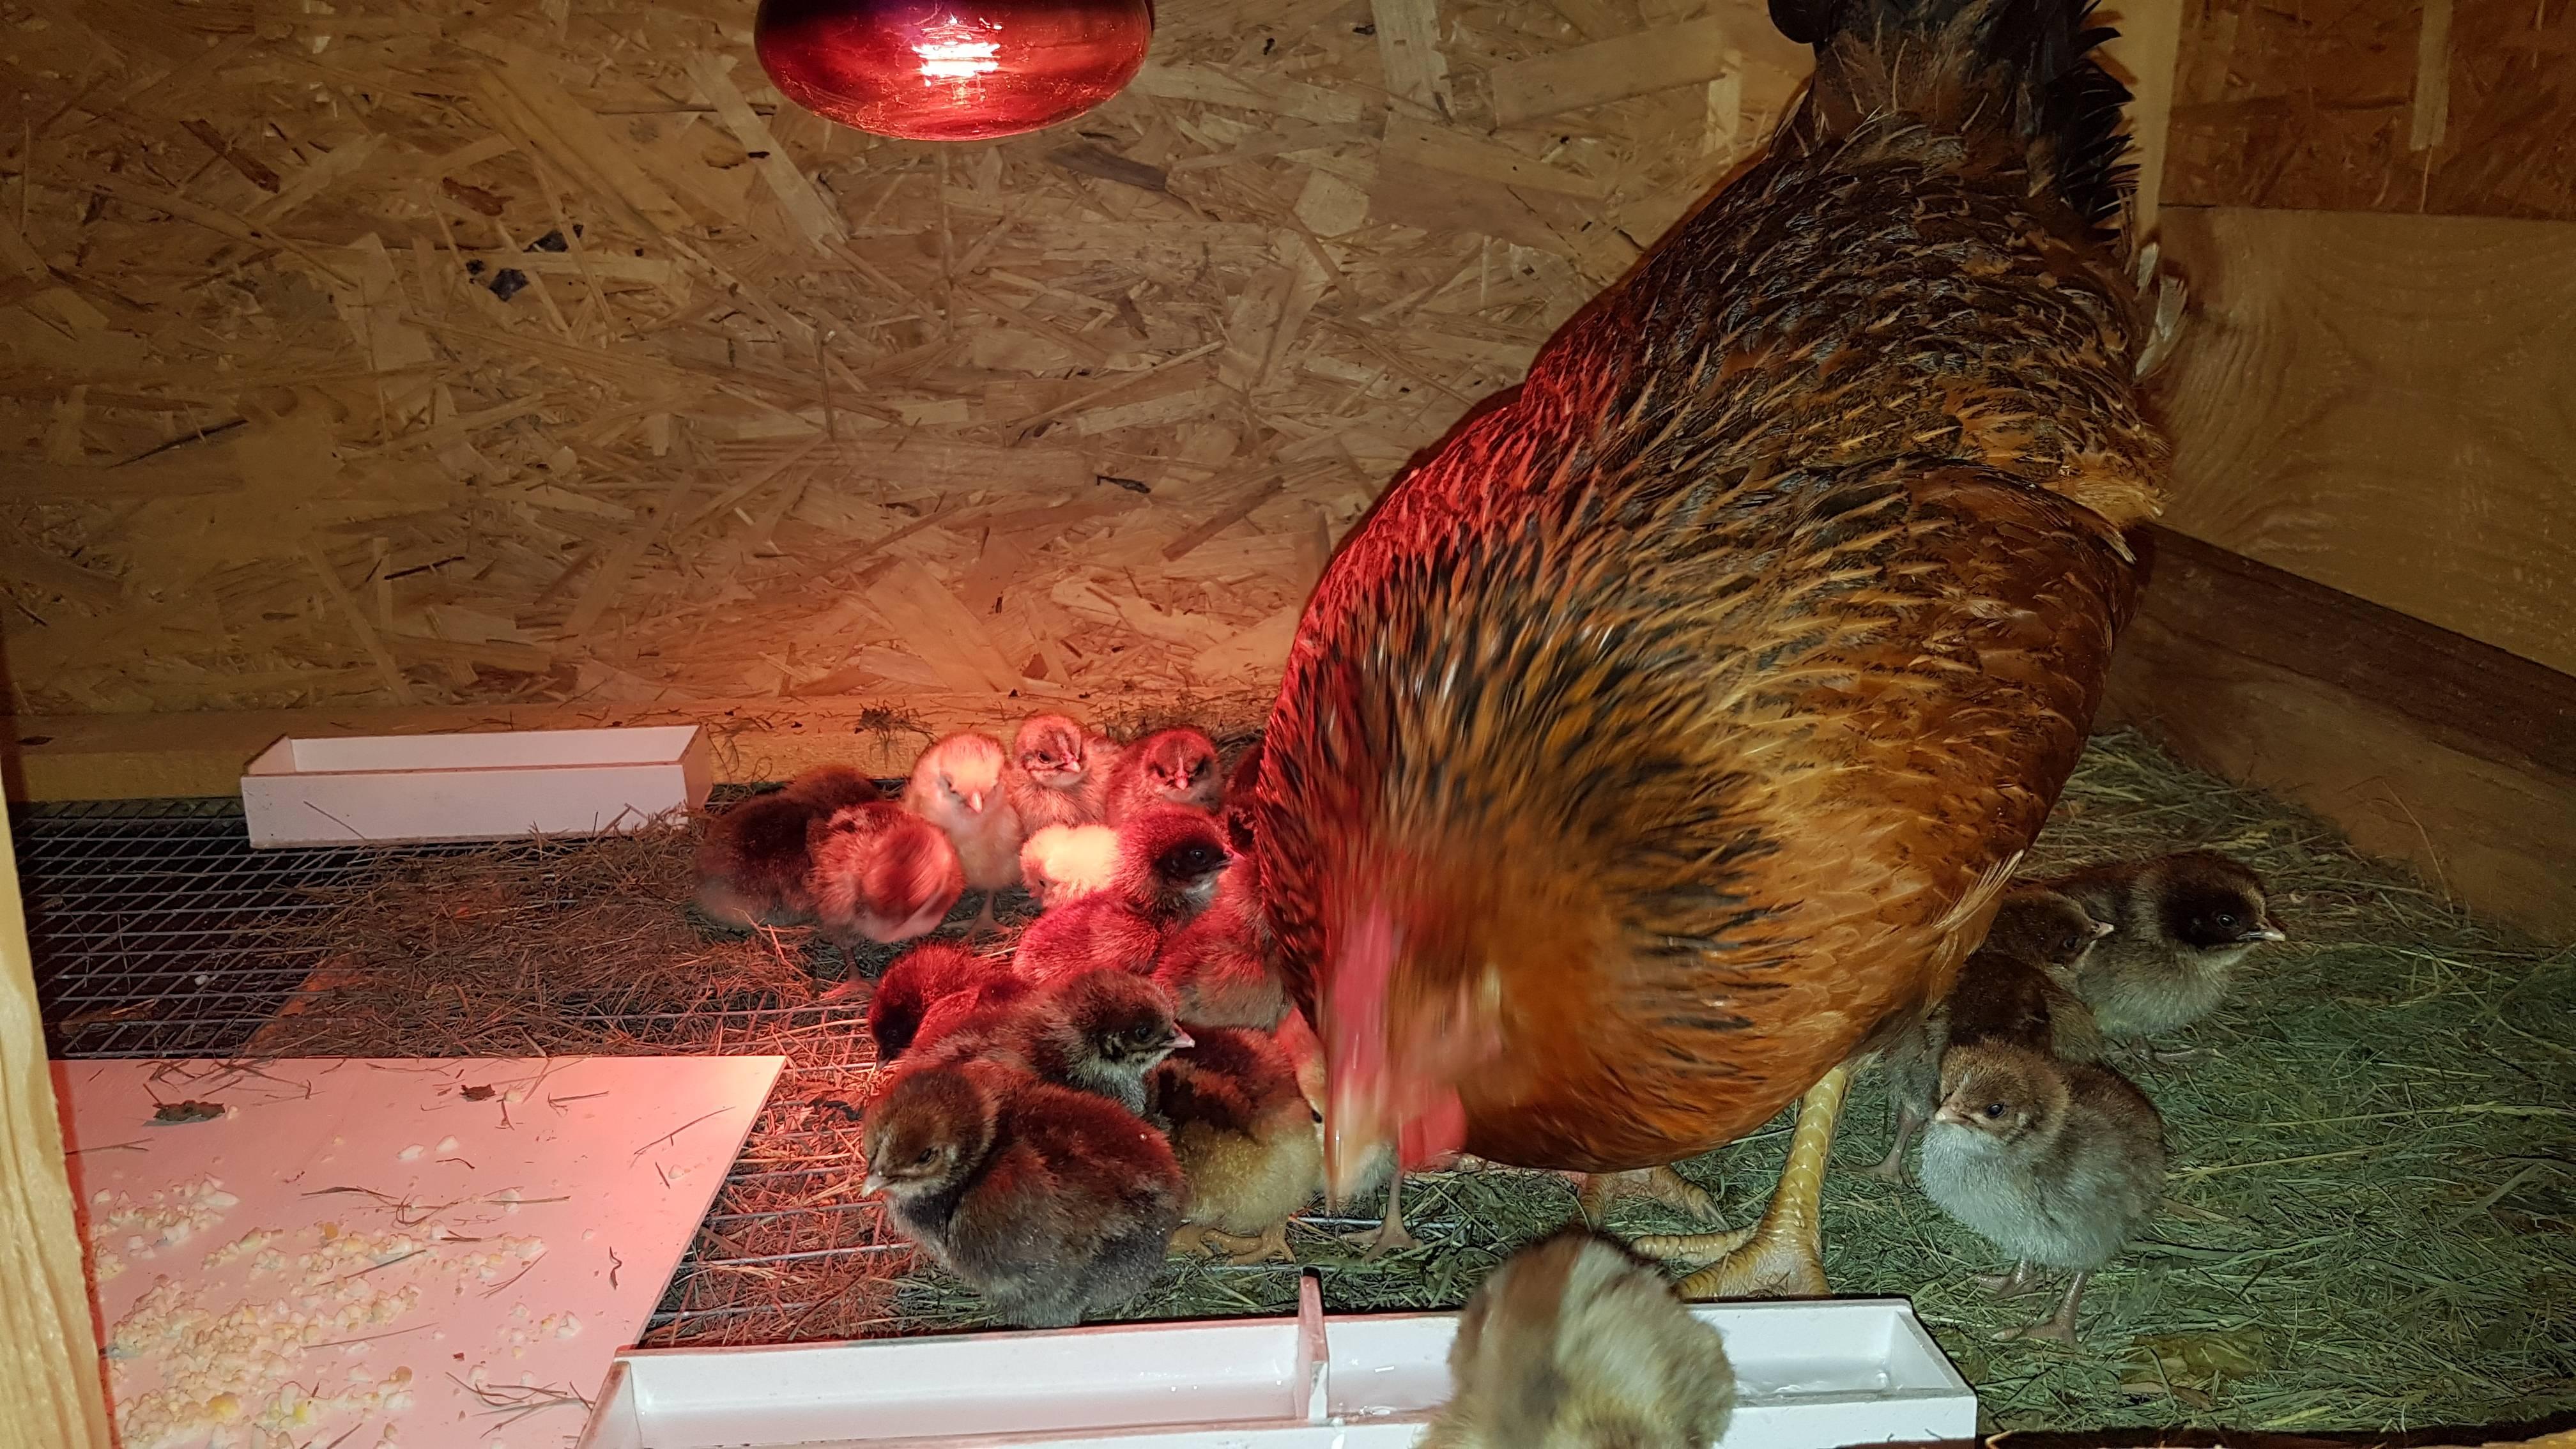 Сонник подкладывать яйца под курицу наседку. к чему снится подкладывать яйца под курицу наседку видеть во сне - сонник дома солнца